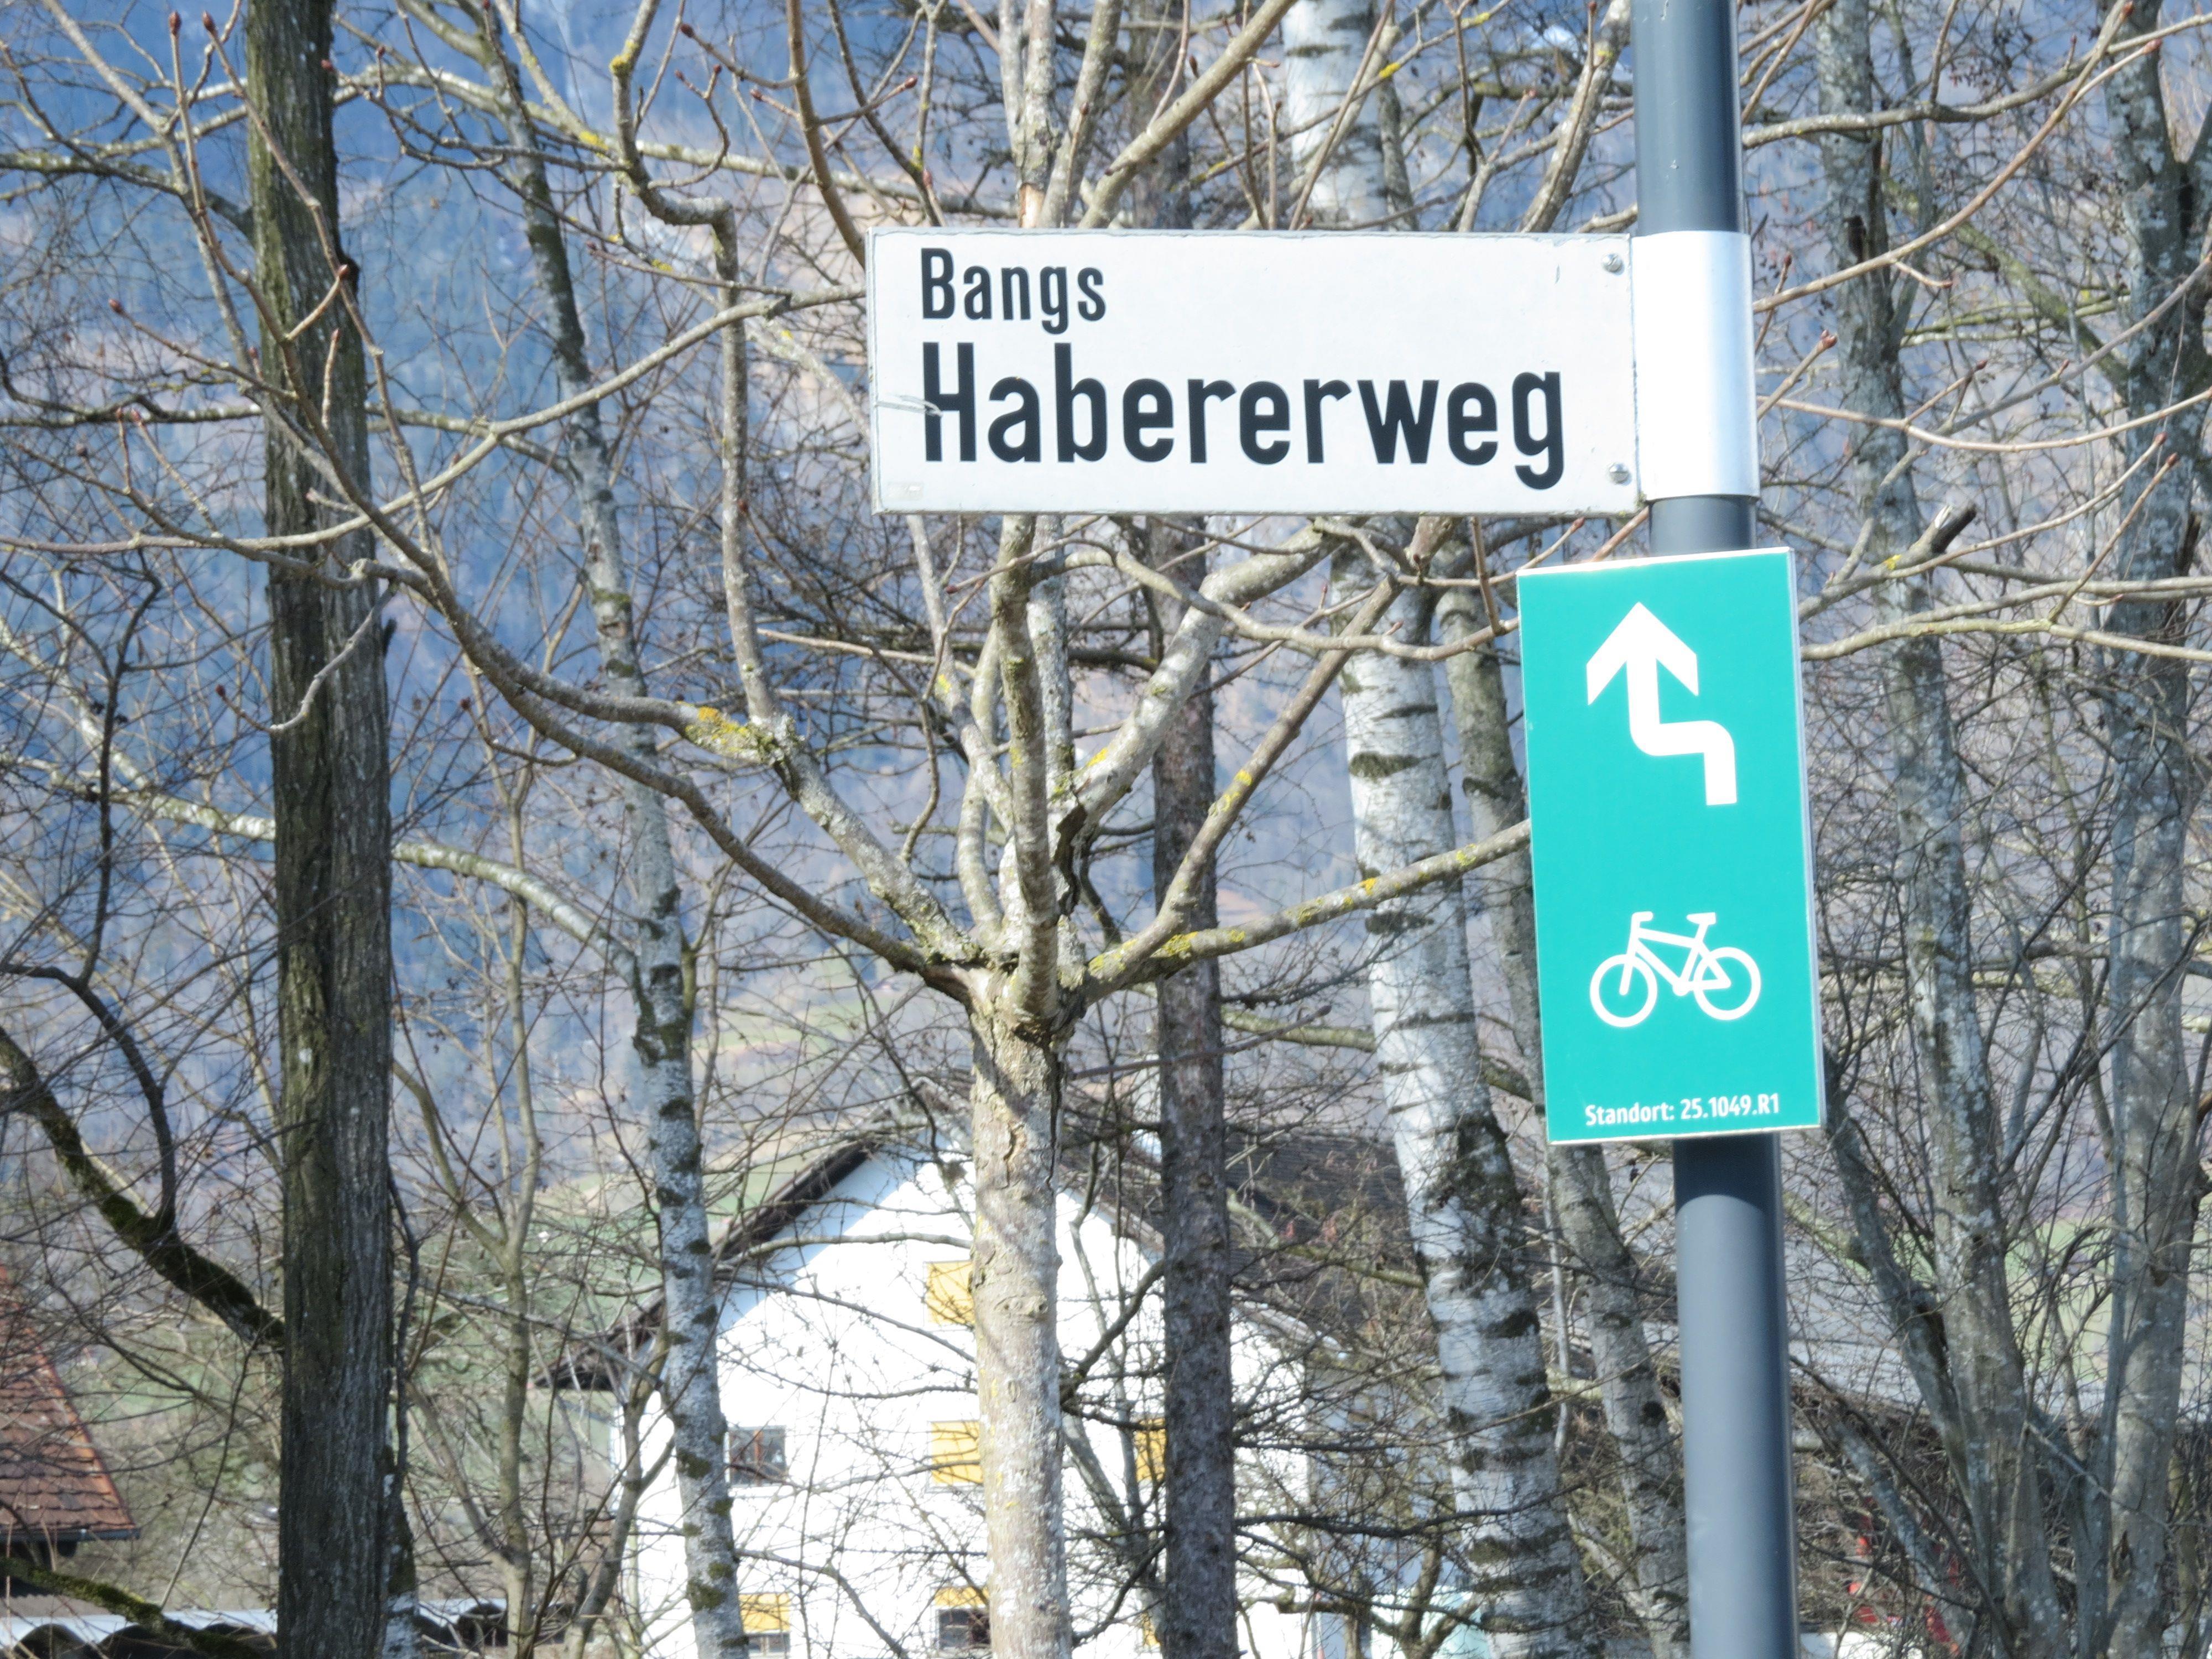 Der Habererweg - für viele Wanderer ein beliebtes Fotomotiv - ist unweit von der Kapelle Bangs gelegen.